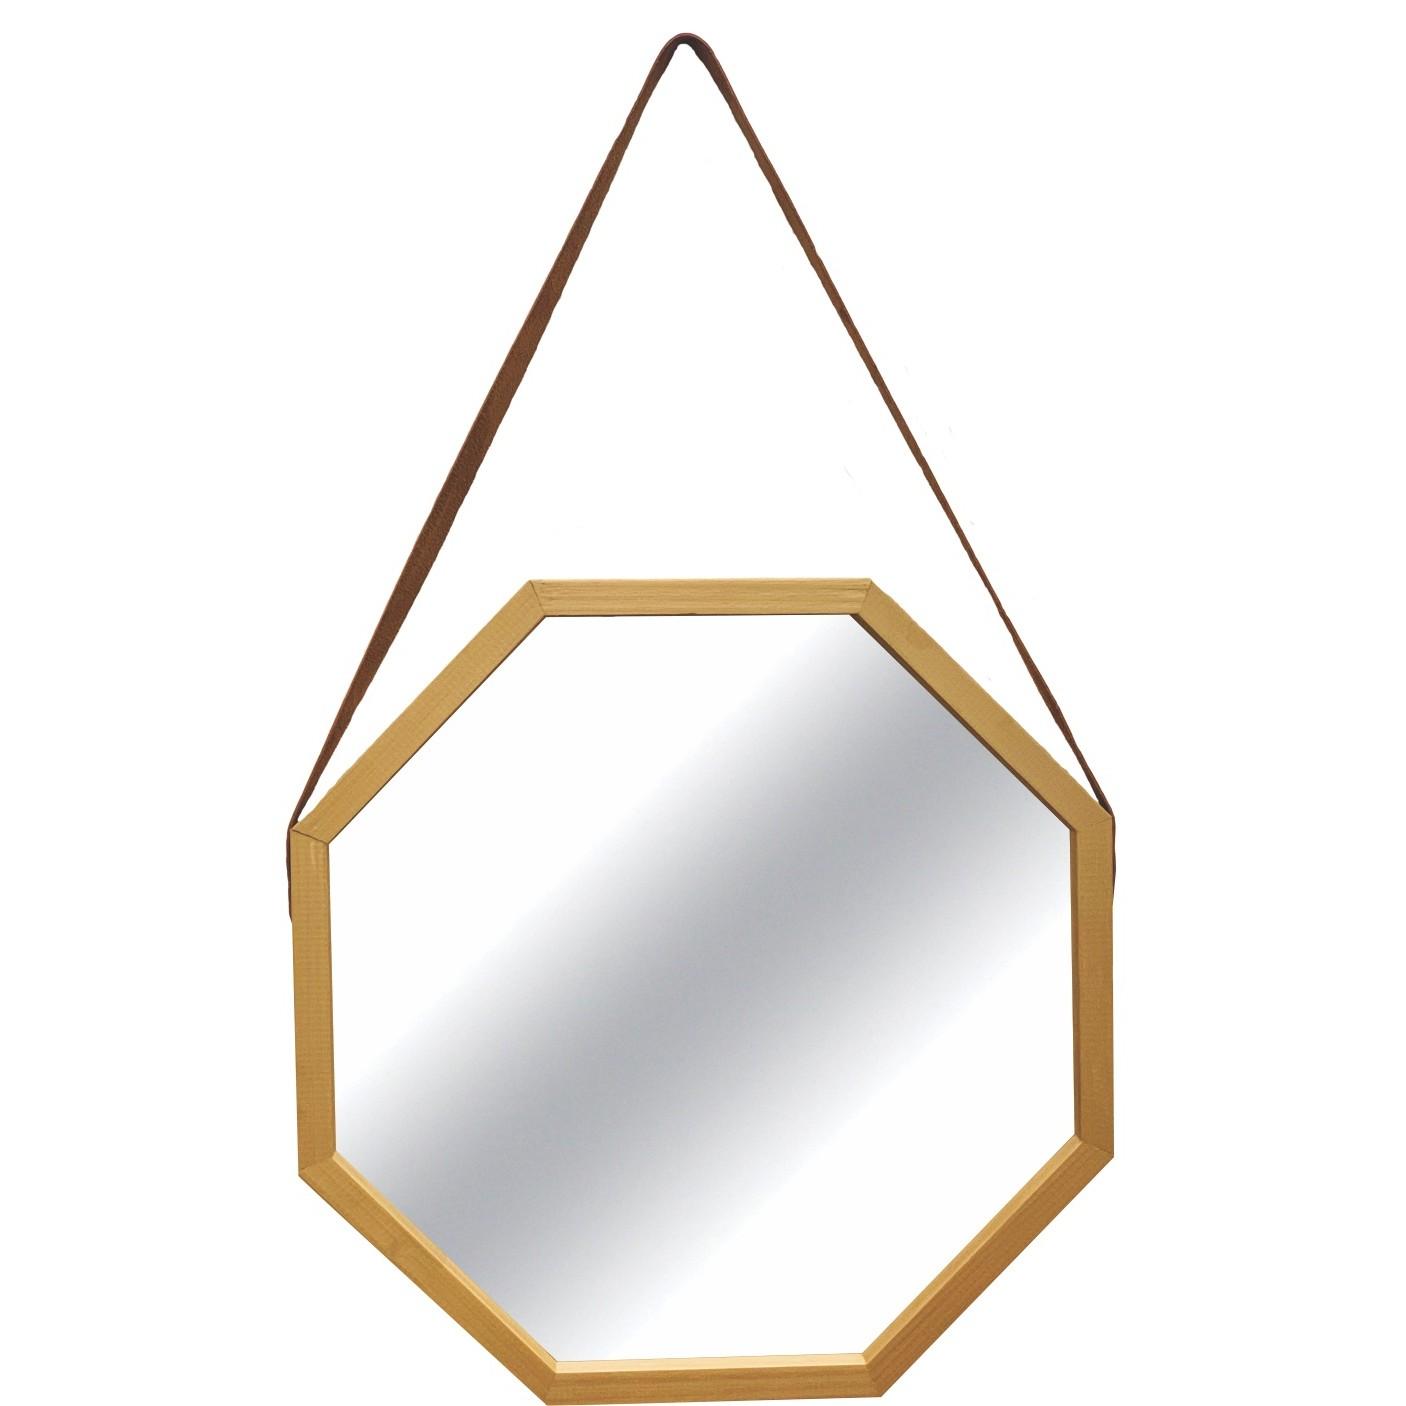 Espelho Decorativo de Parede Oitavado 40x40 cm com Alca Ouro - Art Frame